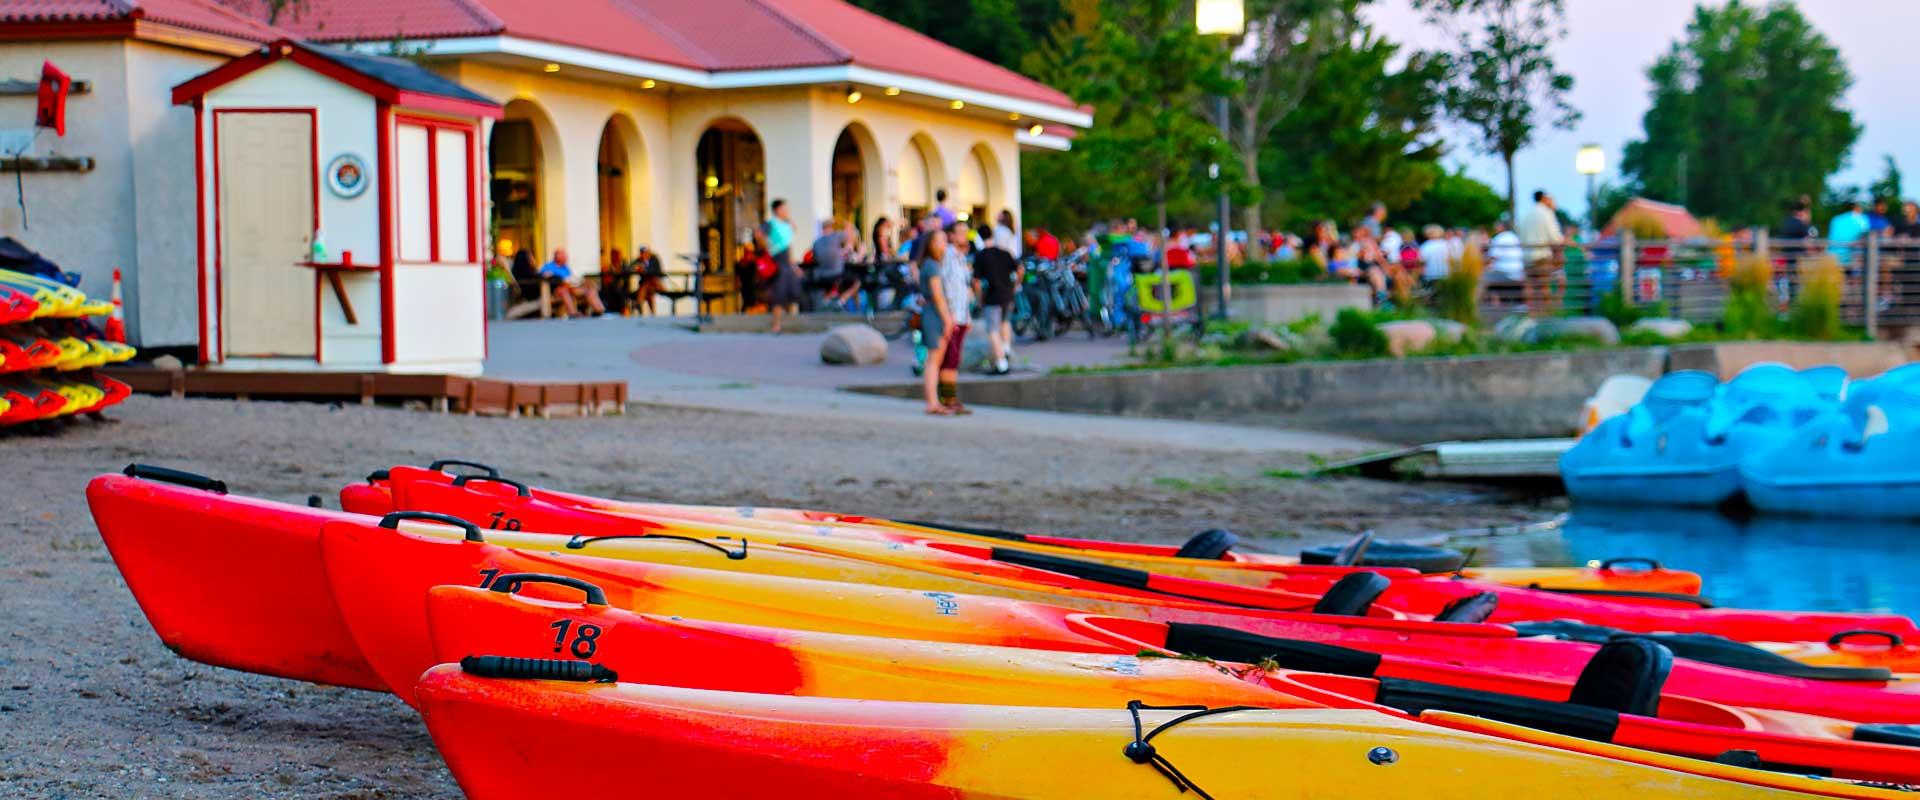 Comment souhaitez-vous utiliser la marina et profiter du lac St-Louis?